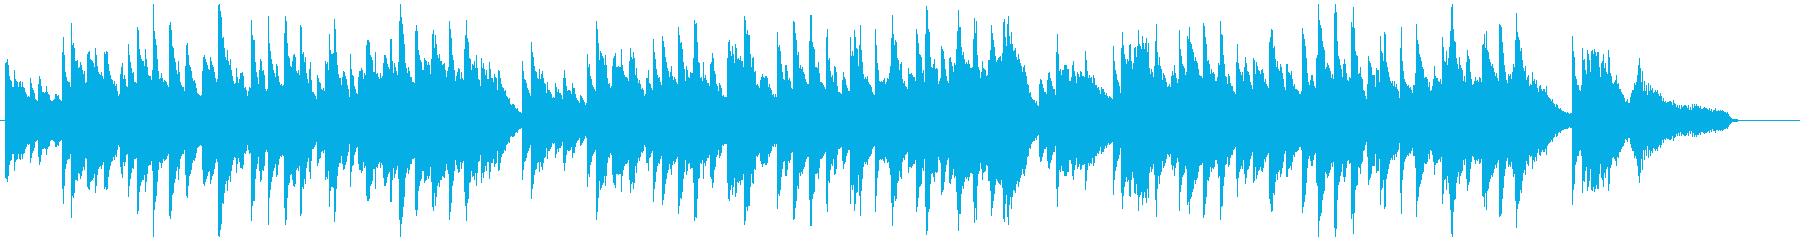 切ない雰囲気のピアノソロの再生済みの波形